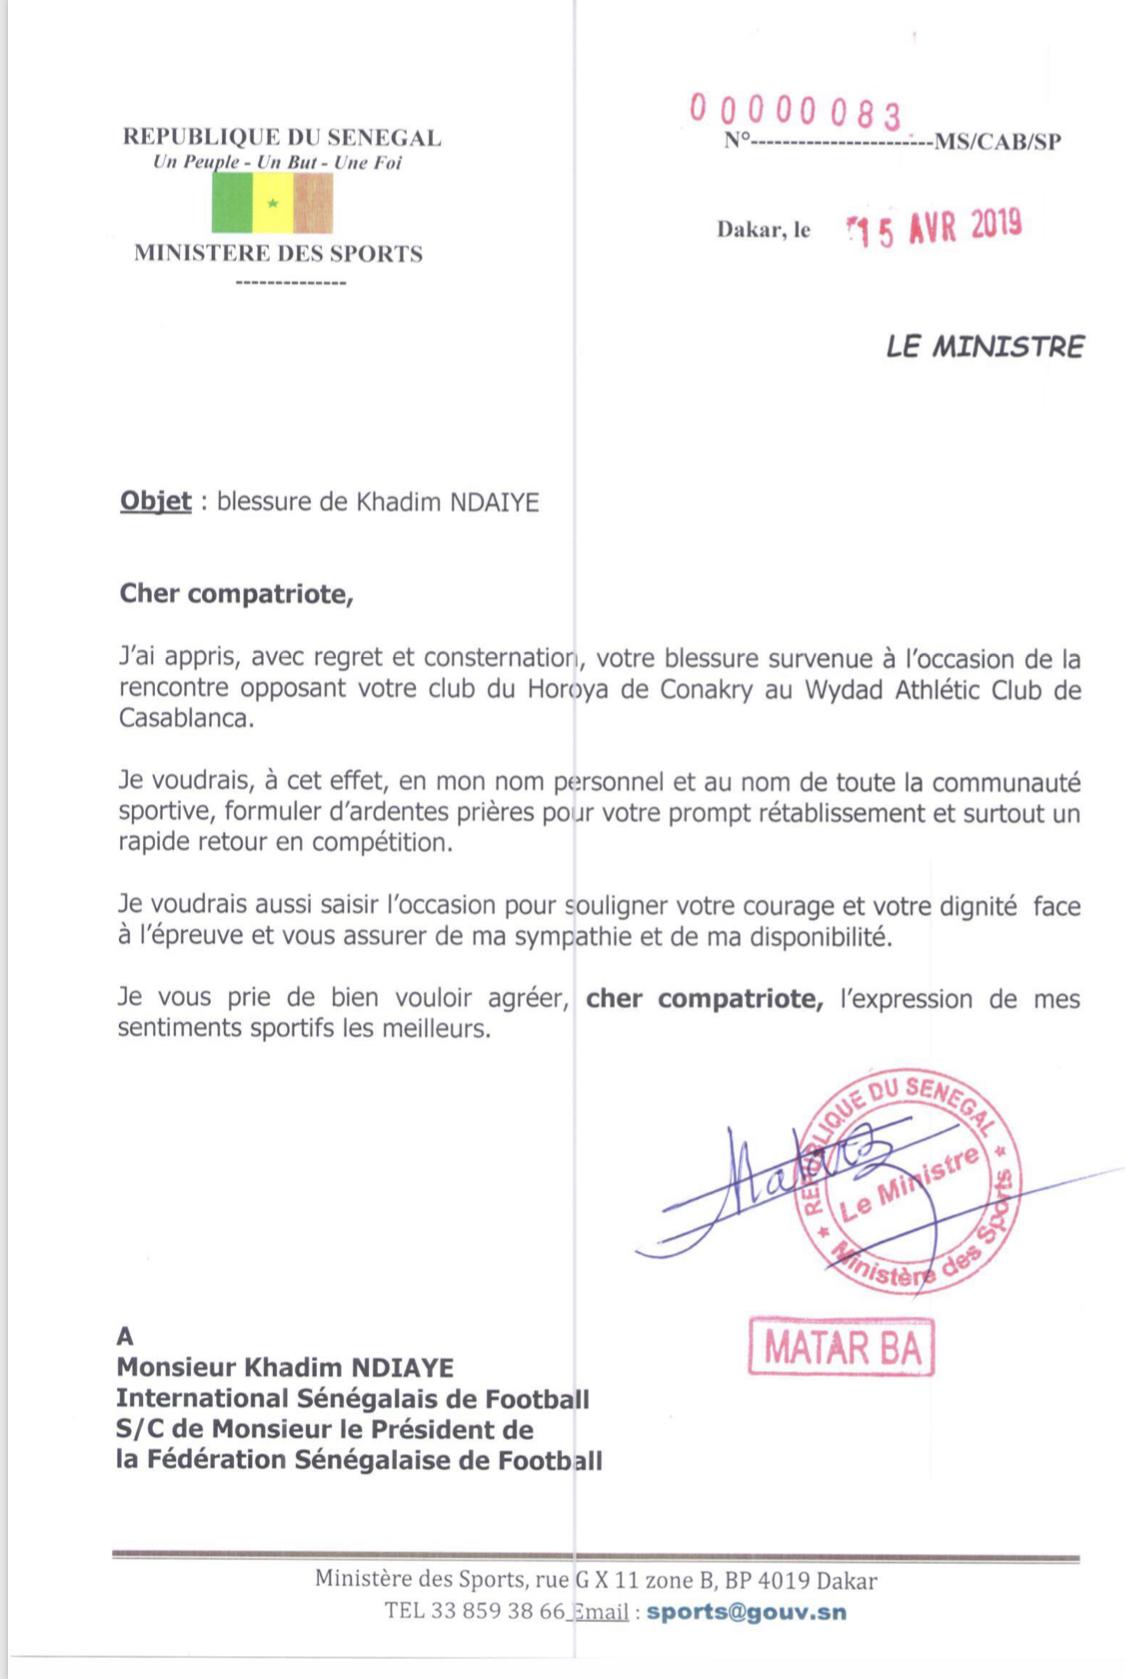 Blessure de Khadim Ndiaye : Le ministre des Sports avait réagi  par le biais d'une lettre datée du 15 avril 2019 (Document)